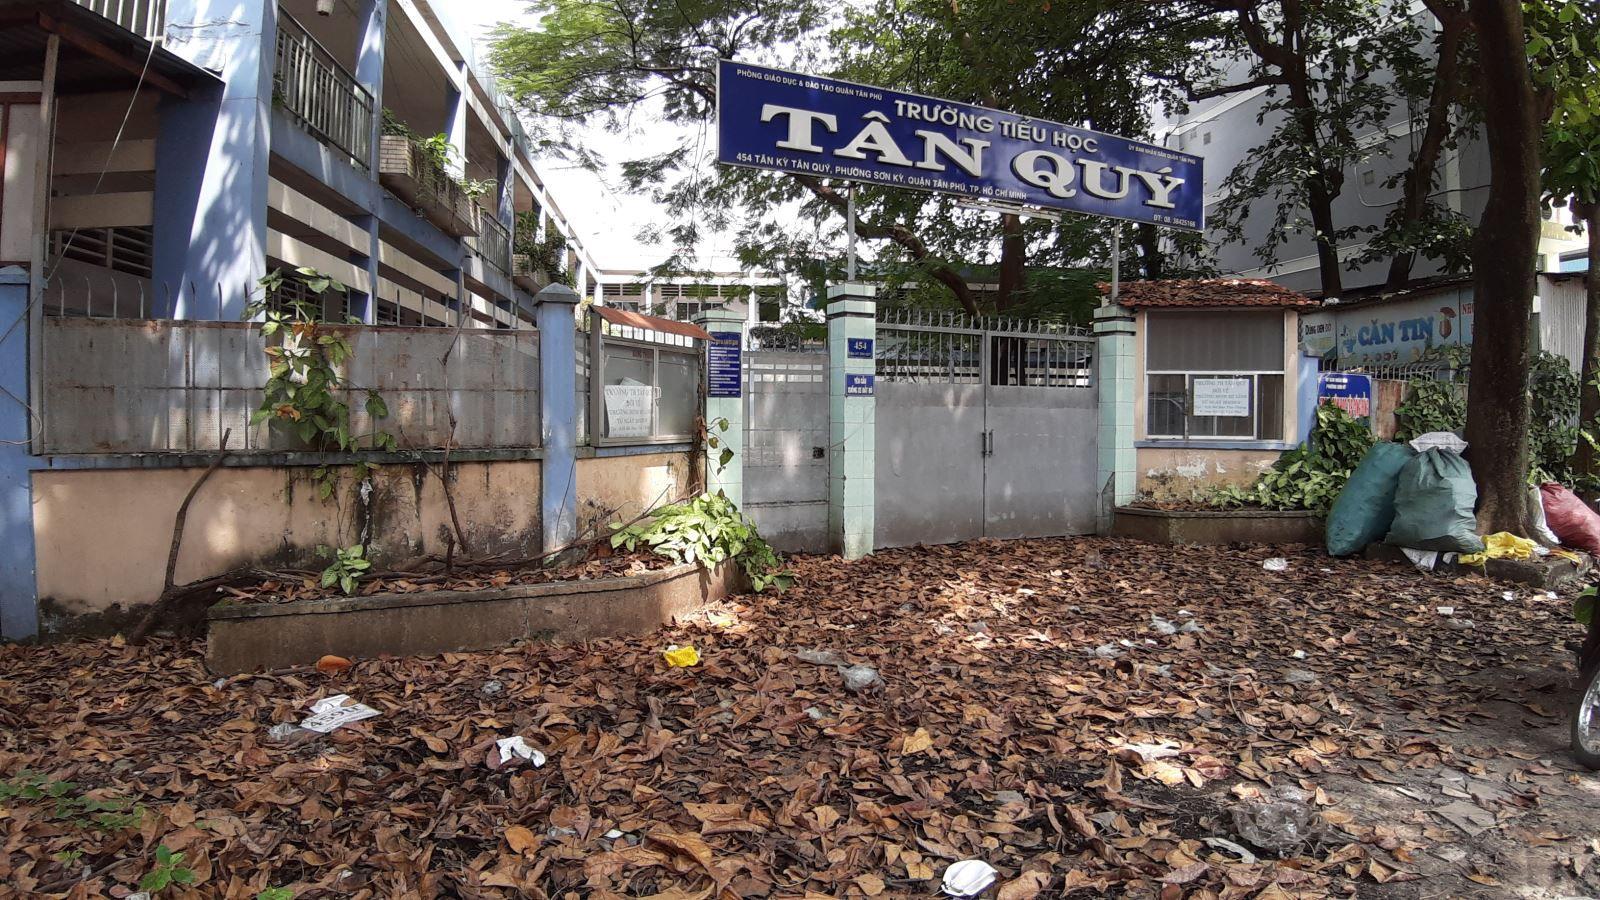 Học sinh phải đi học nhờ, trường thì bỏ hoang gần 3 năm Ảnh 1